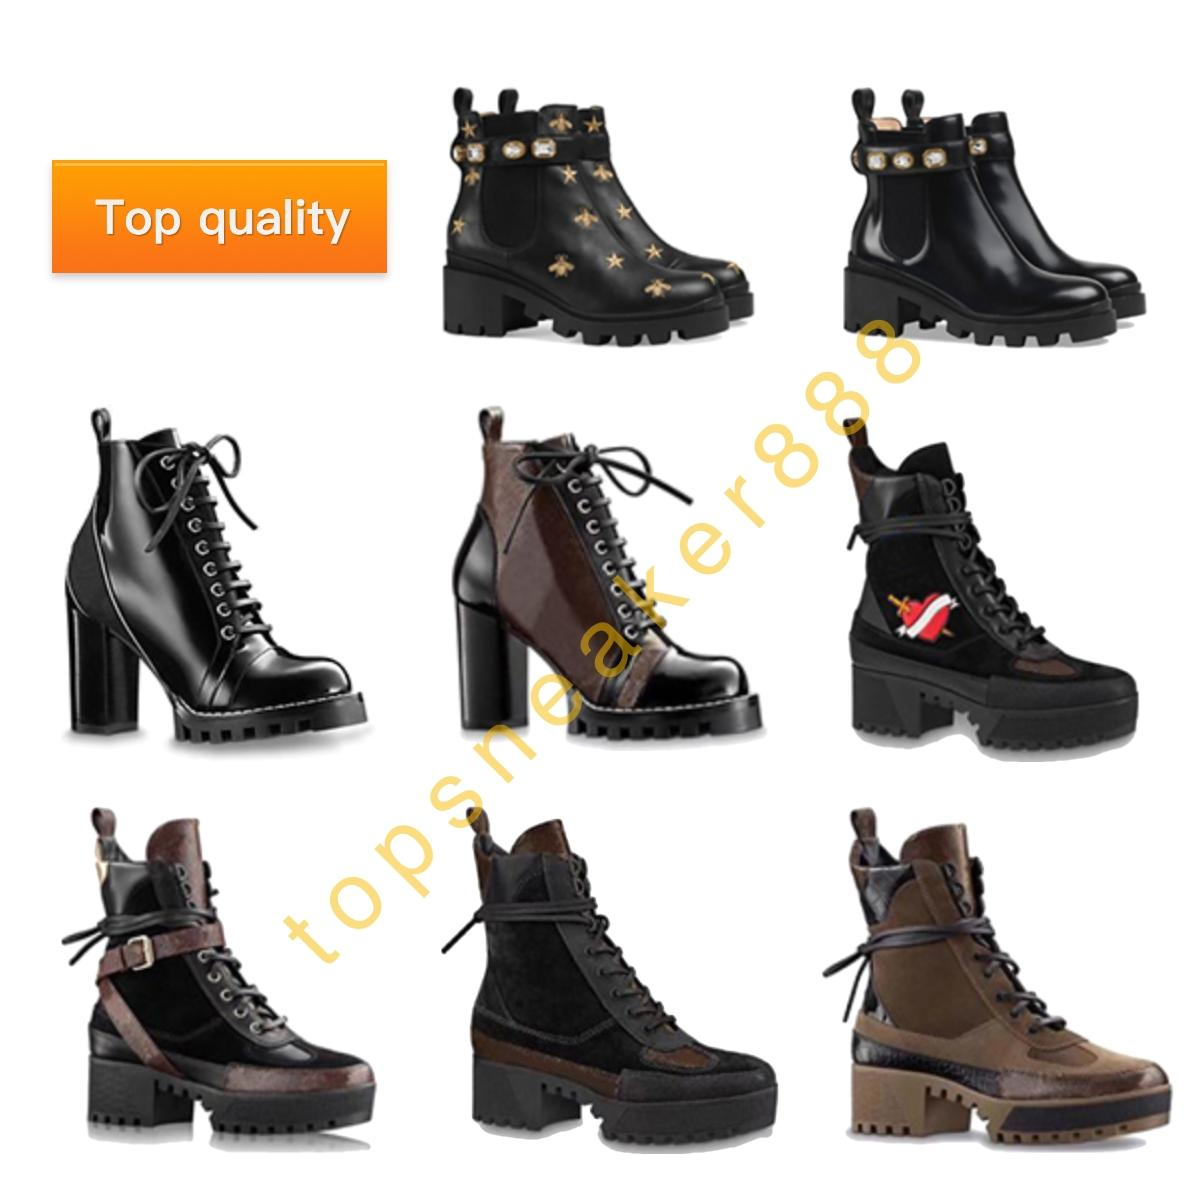 أعلى جودة النساء مارتينز الأحذية الأزياء أحذية الحائز الحائزات الحب السهم جلد حقيقي أسود أبيض رمادي 5 سنتيمتر كعب غلاف ميداليات